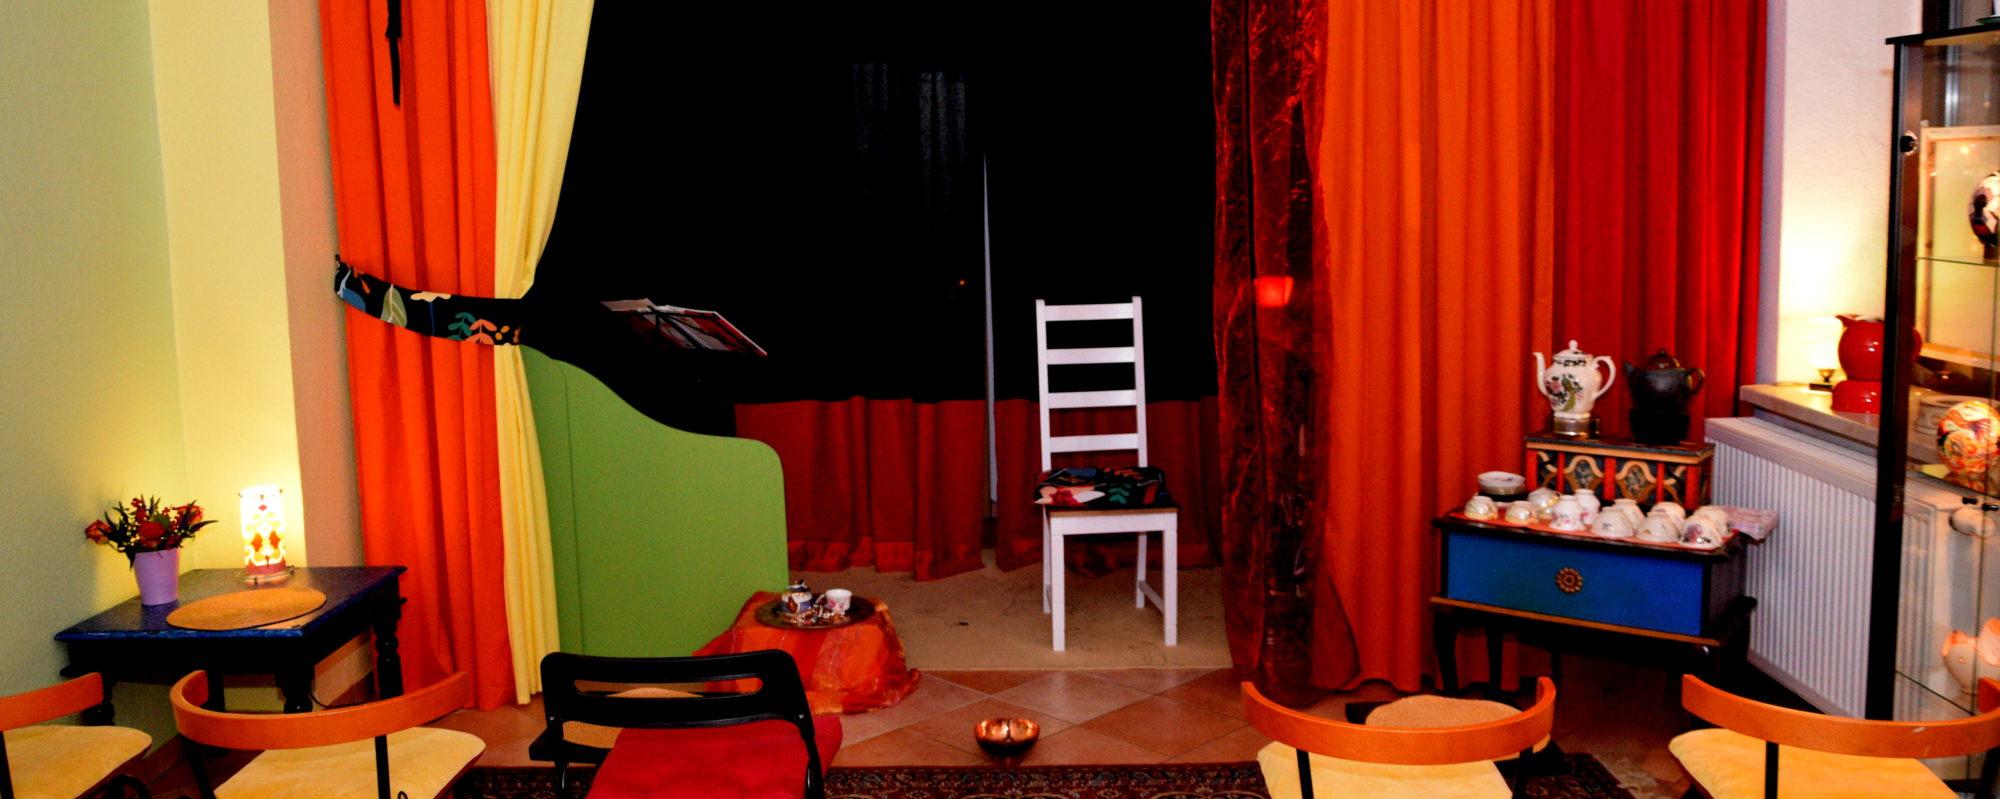 Erzähltheater im Atelier